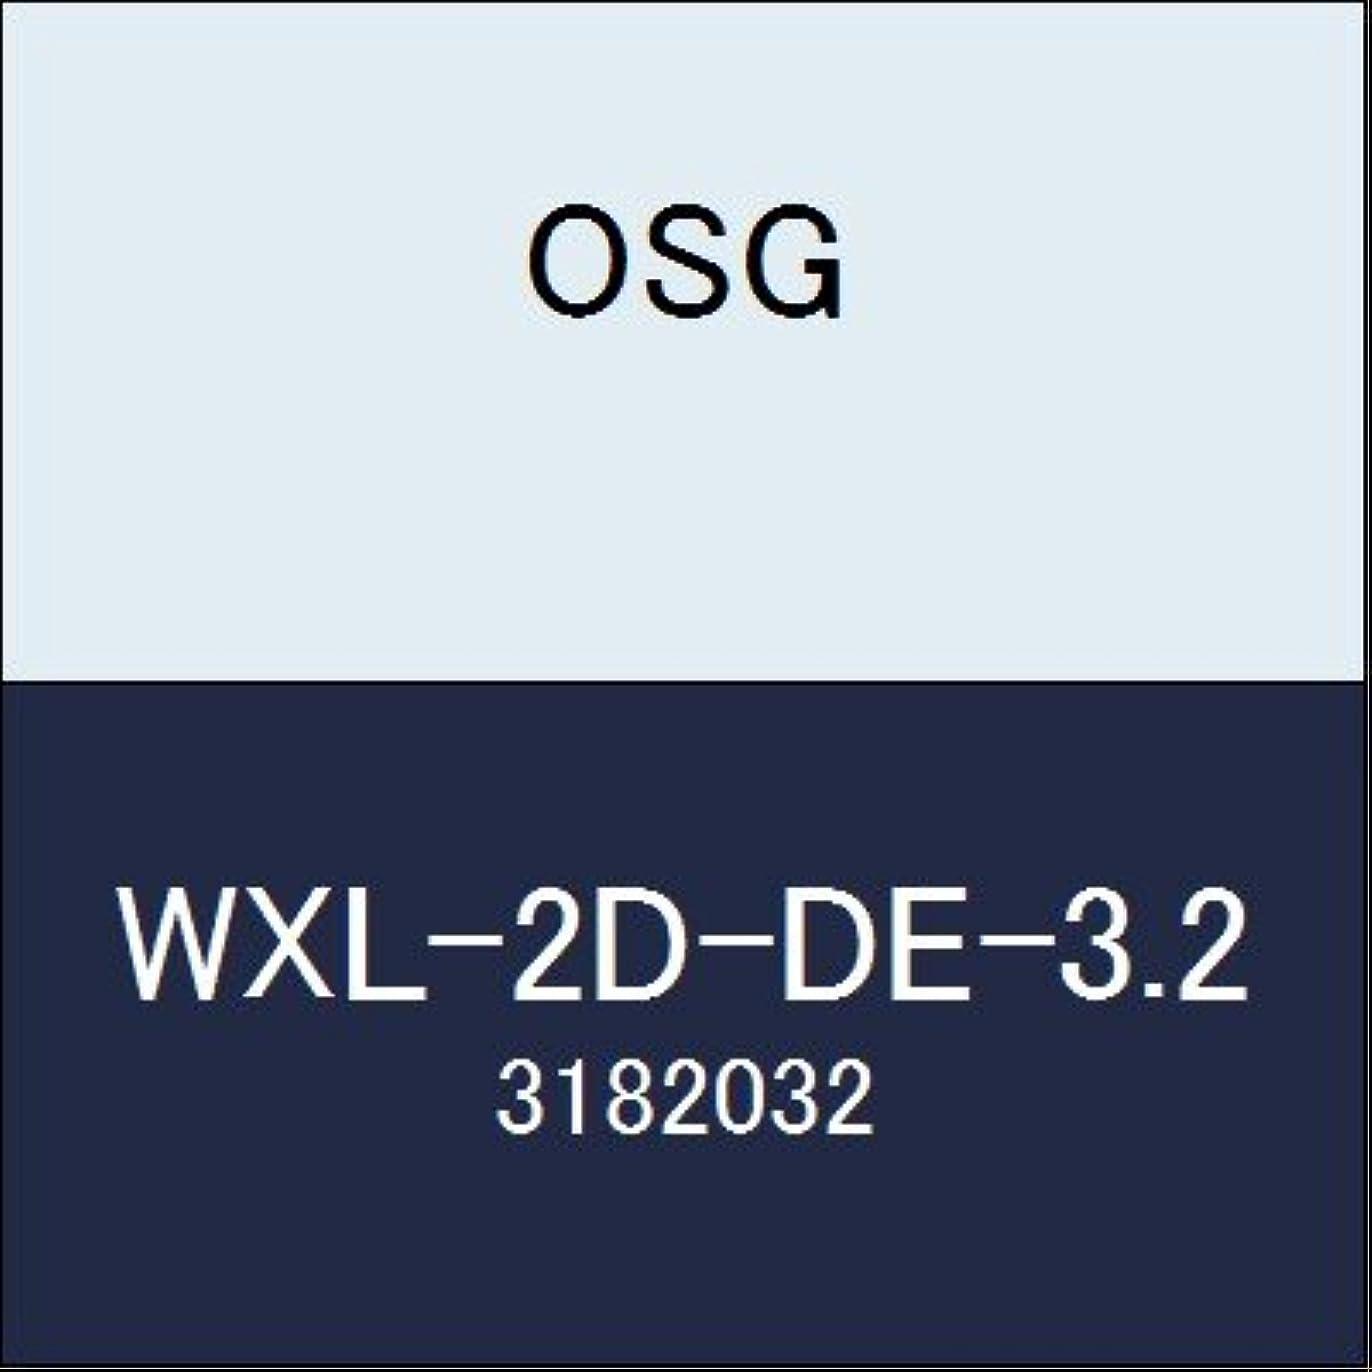 ボックス手数料貨物OSG エンドミル WXL-2D-DE-3.2 商品番号 3182032